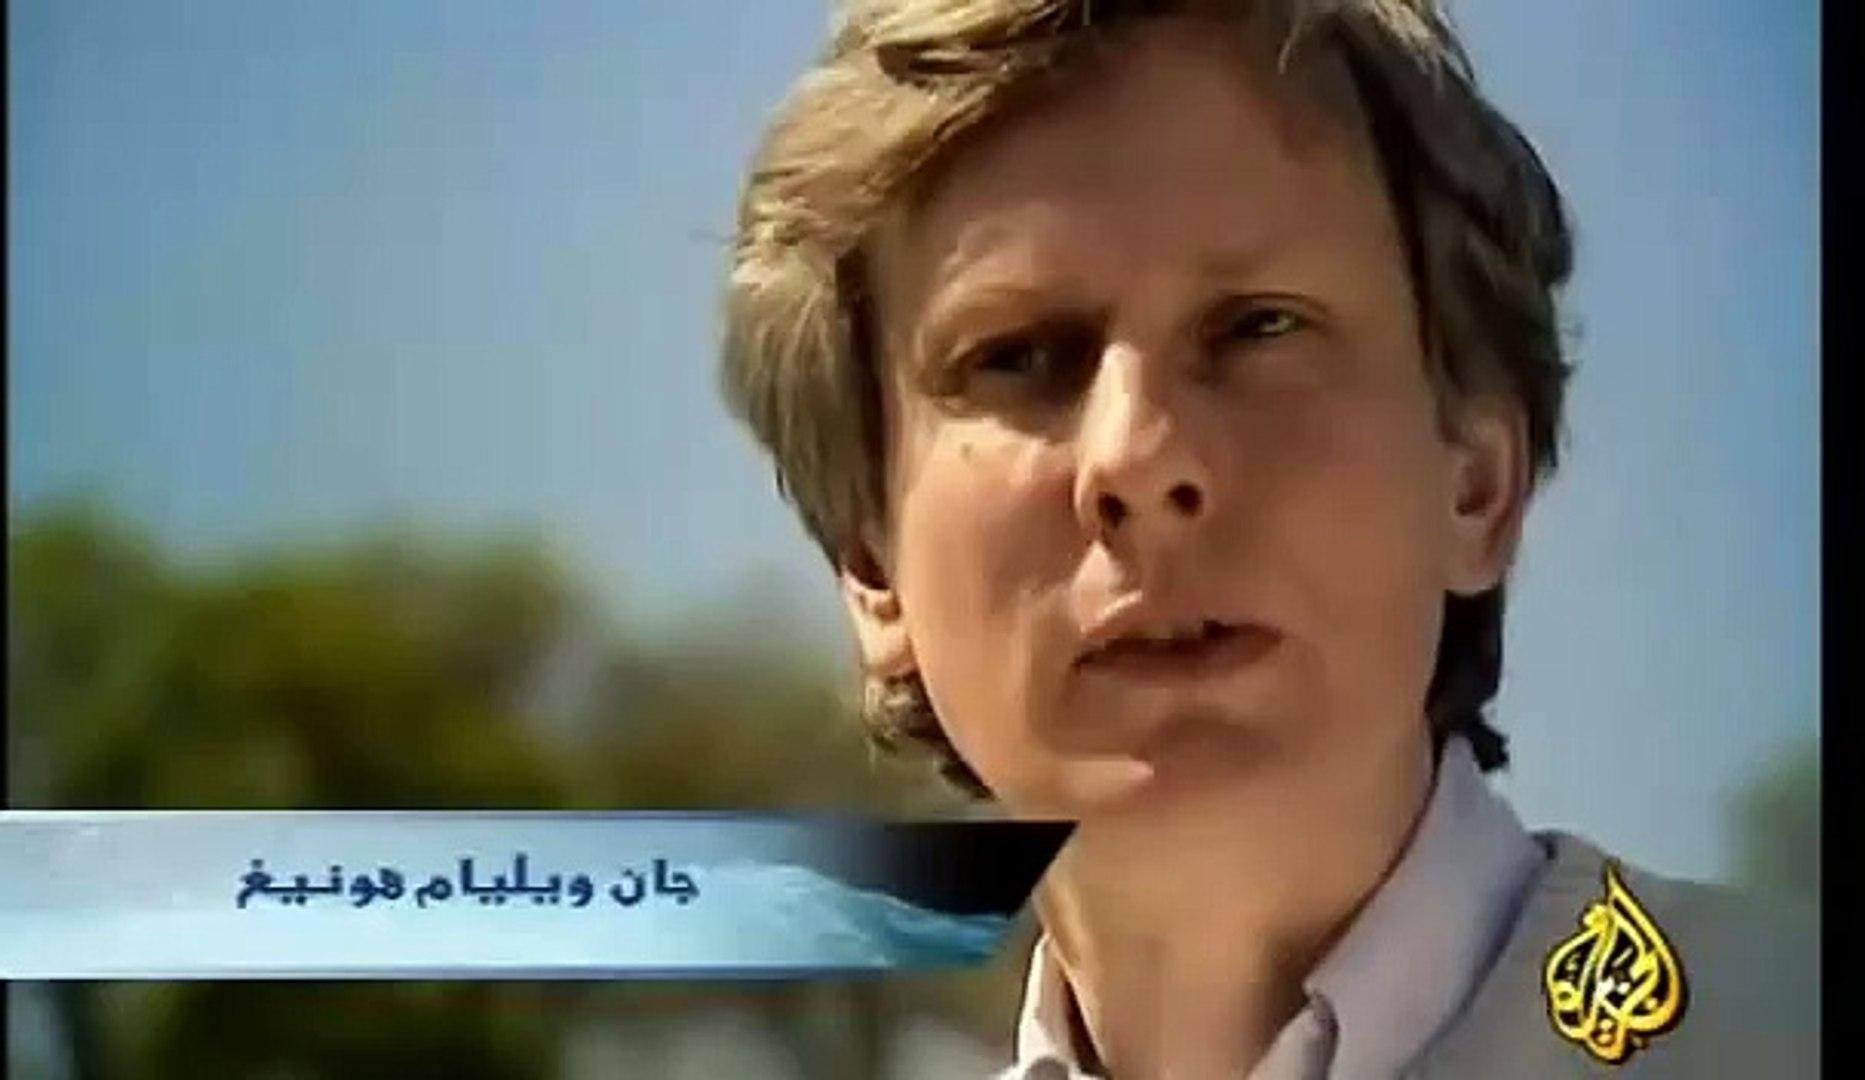 فيلم وثائقي عن صلاح الدين